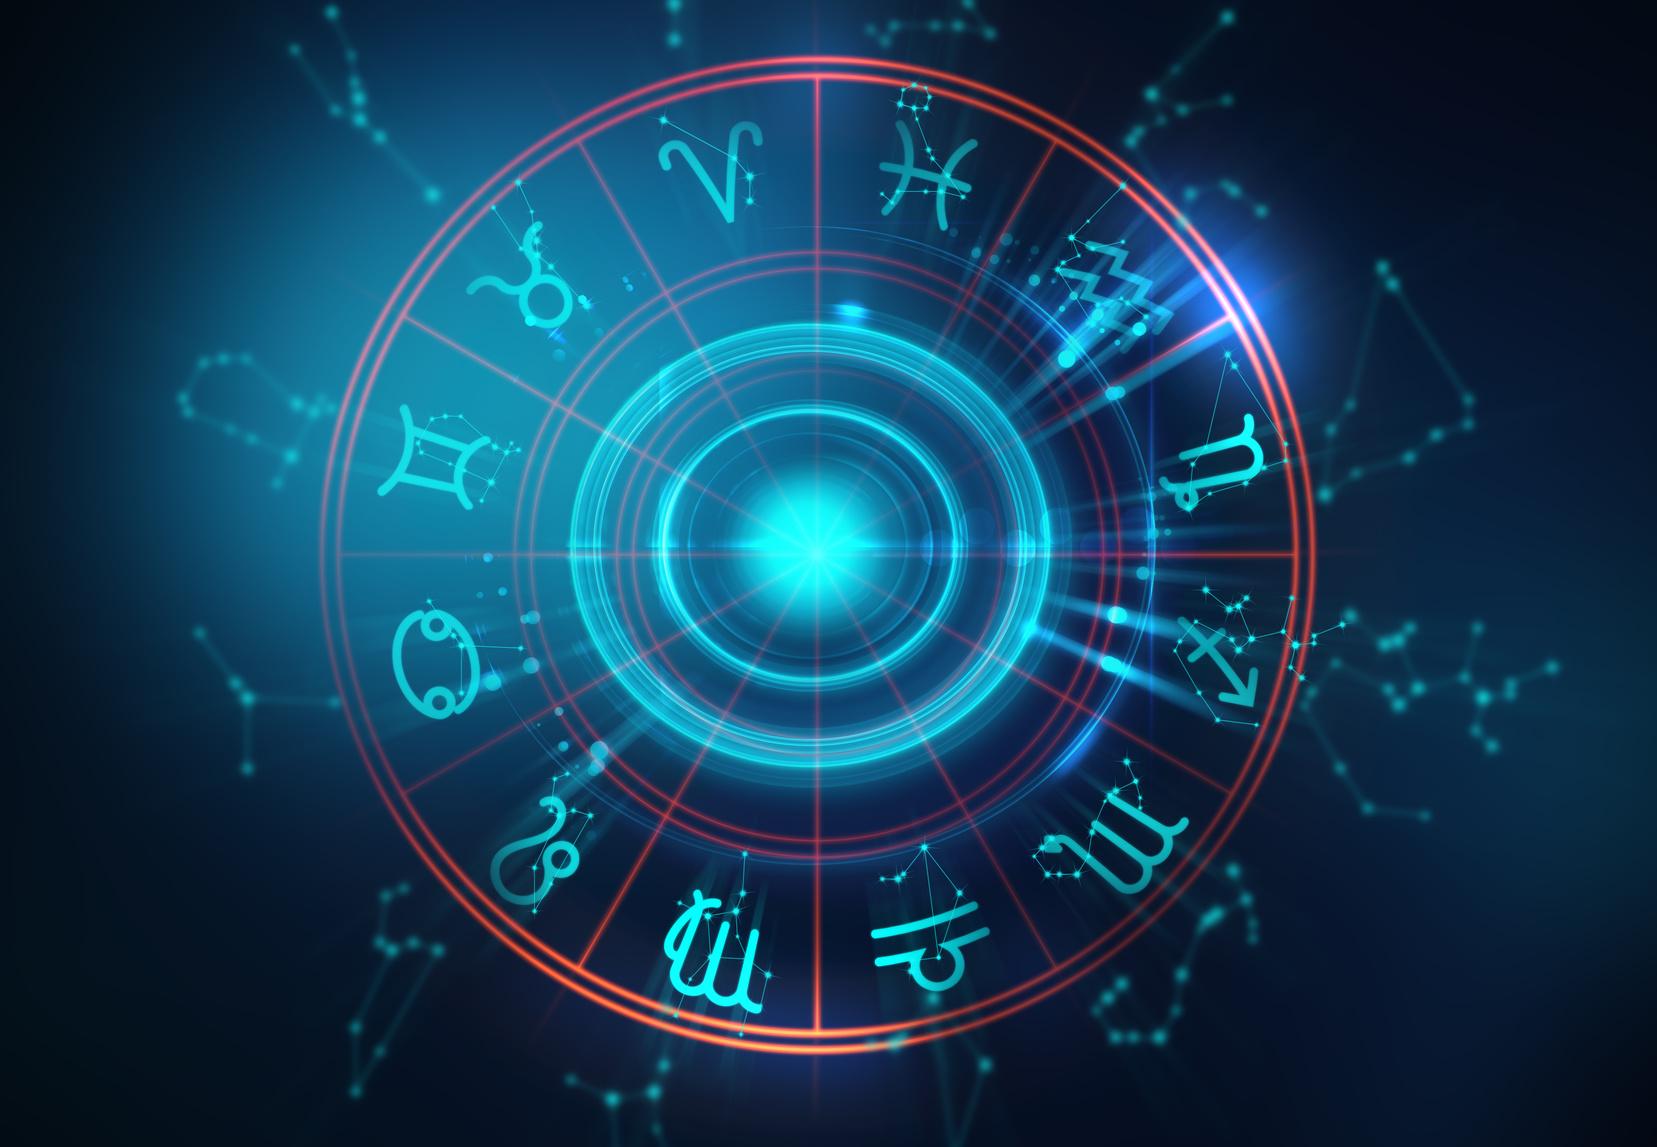 Viajes, bienestar y astrología para gente inteligente